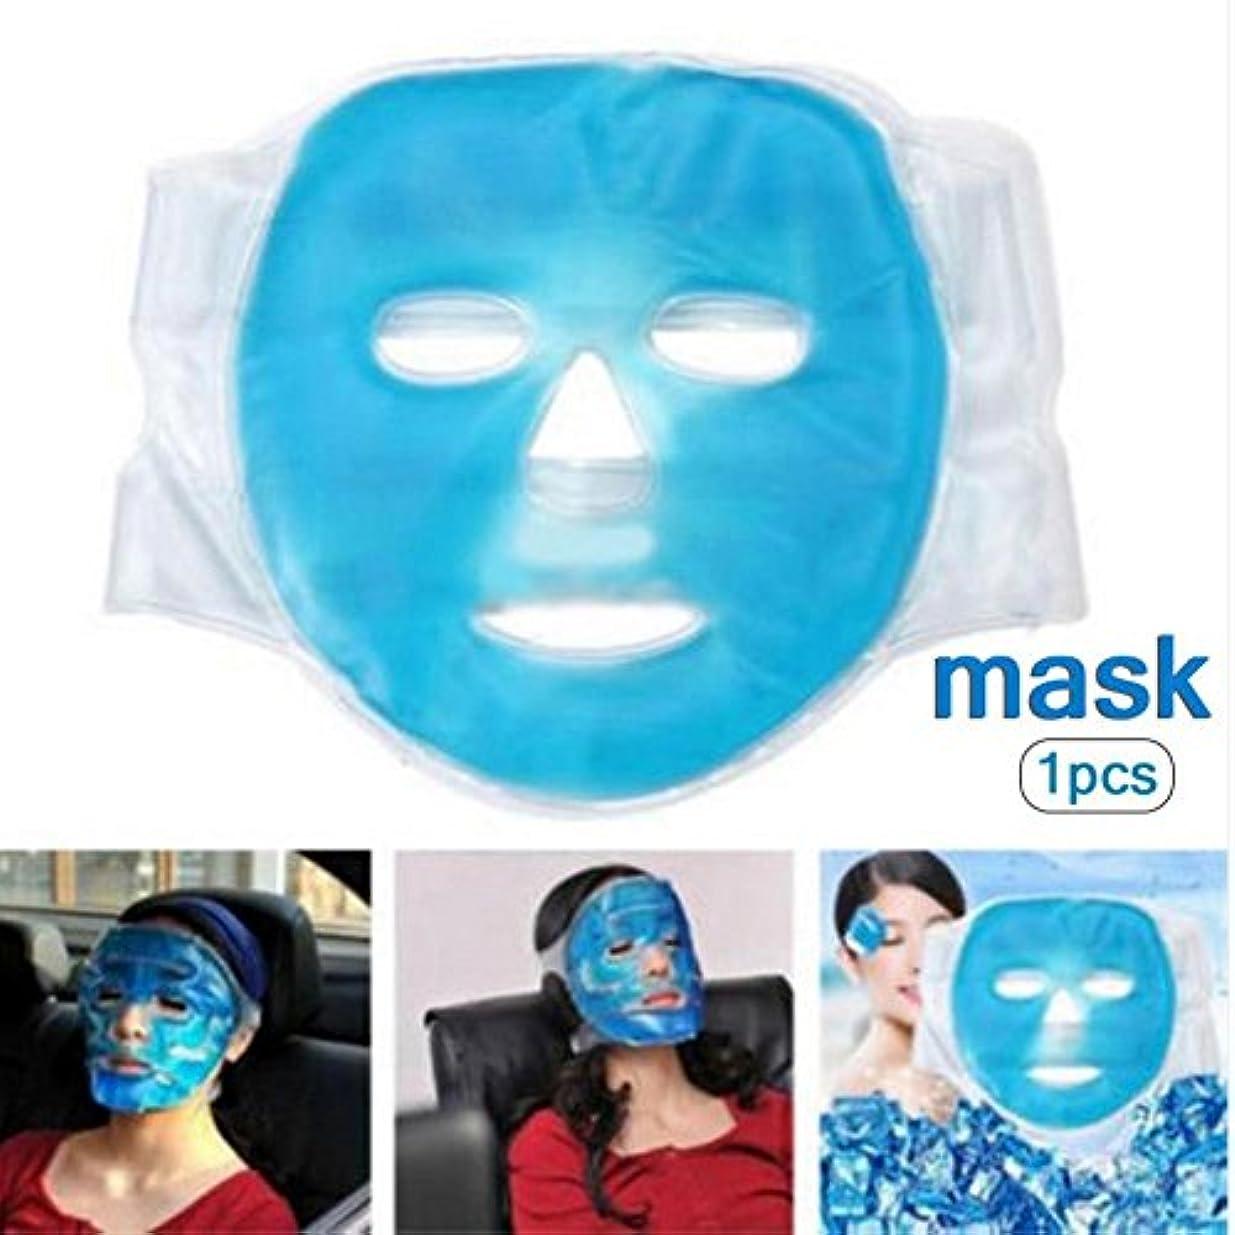 擬人たぶん不公平SILUN フェイスマスク 冷温兼用 美容用 再利用可能 毛細血管収縮 肌ケア 保湿 吸収しやすい 美容マッサージ アイスマスク